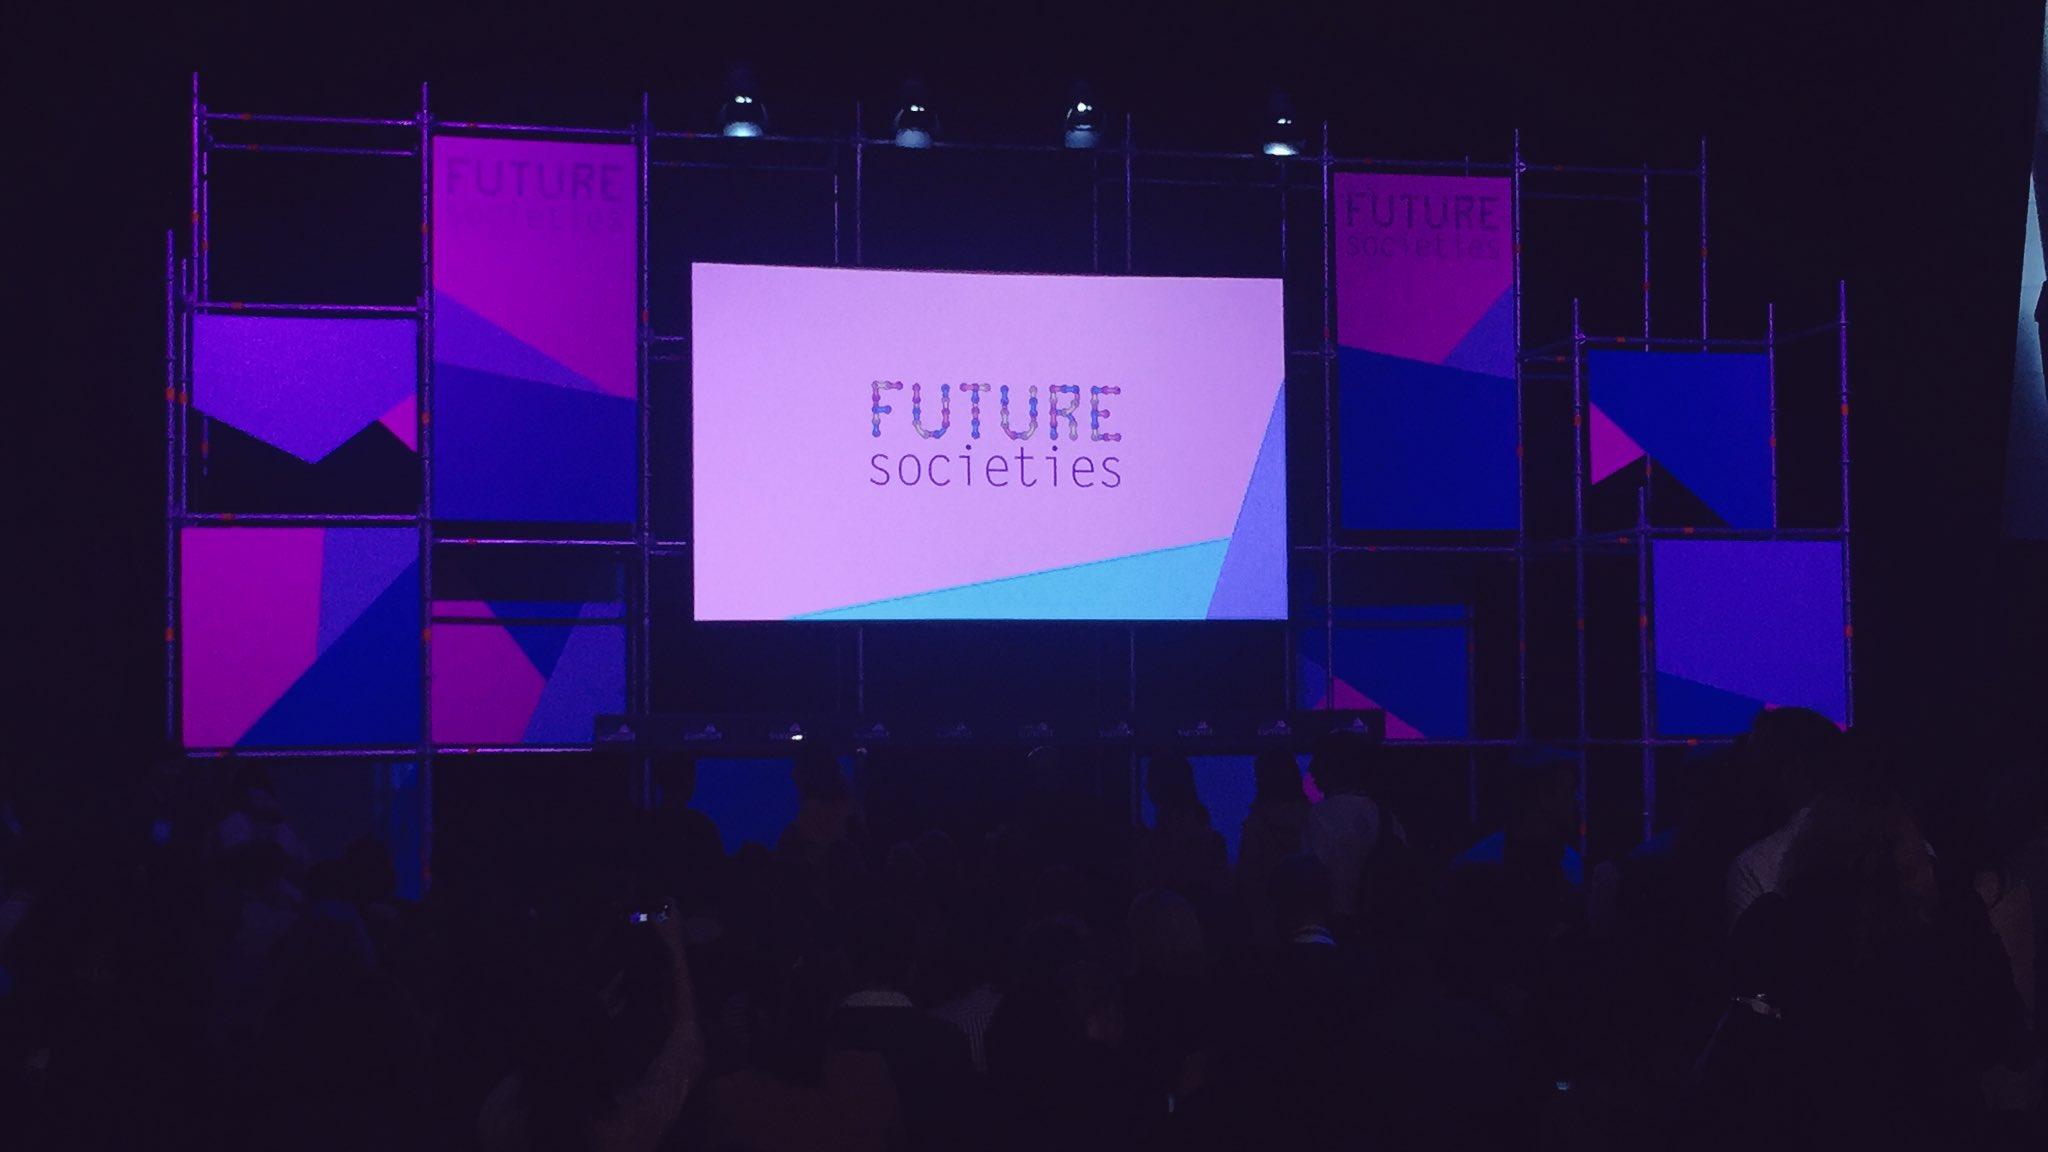 Con @tree_srl al @WebSummit, #FutureSocieties conference. La tecnologia che cambia il mondo. #websummit #lisbon https://t.co/I75b7h4i25